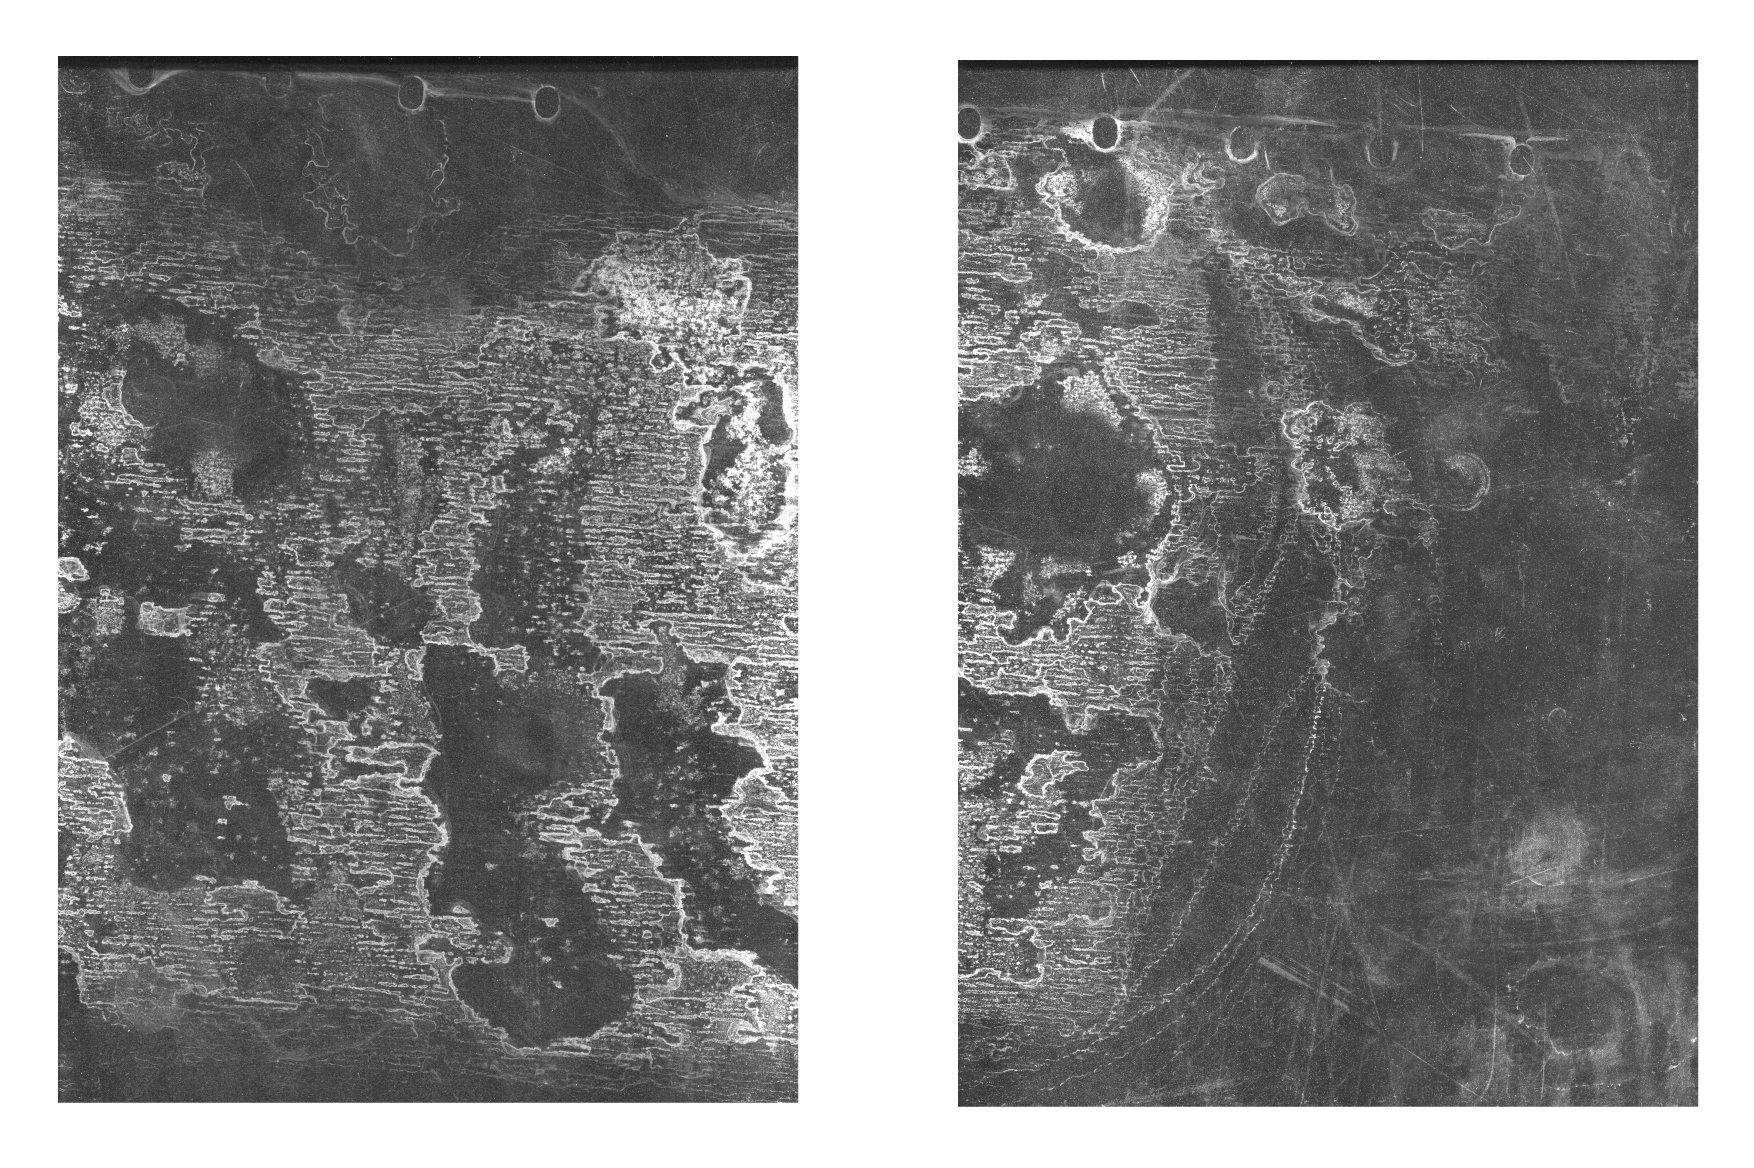 156款复古做旧折痕磨损褶皱纸张背景纹理素材合集 The Grunge Texture Bundle Vol. 1插图(26)